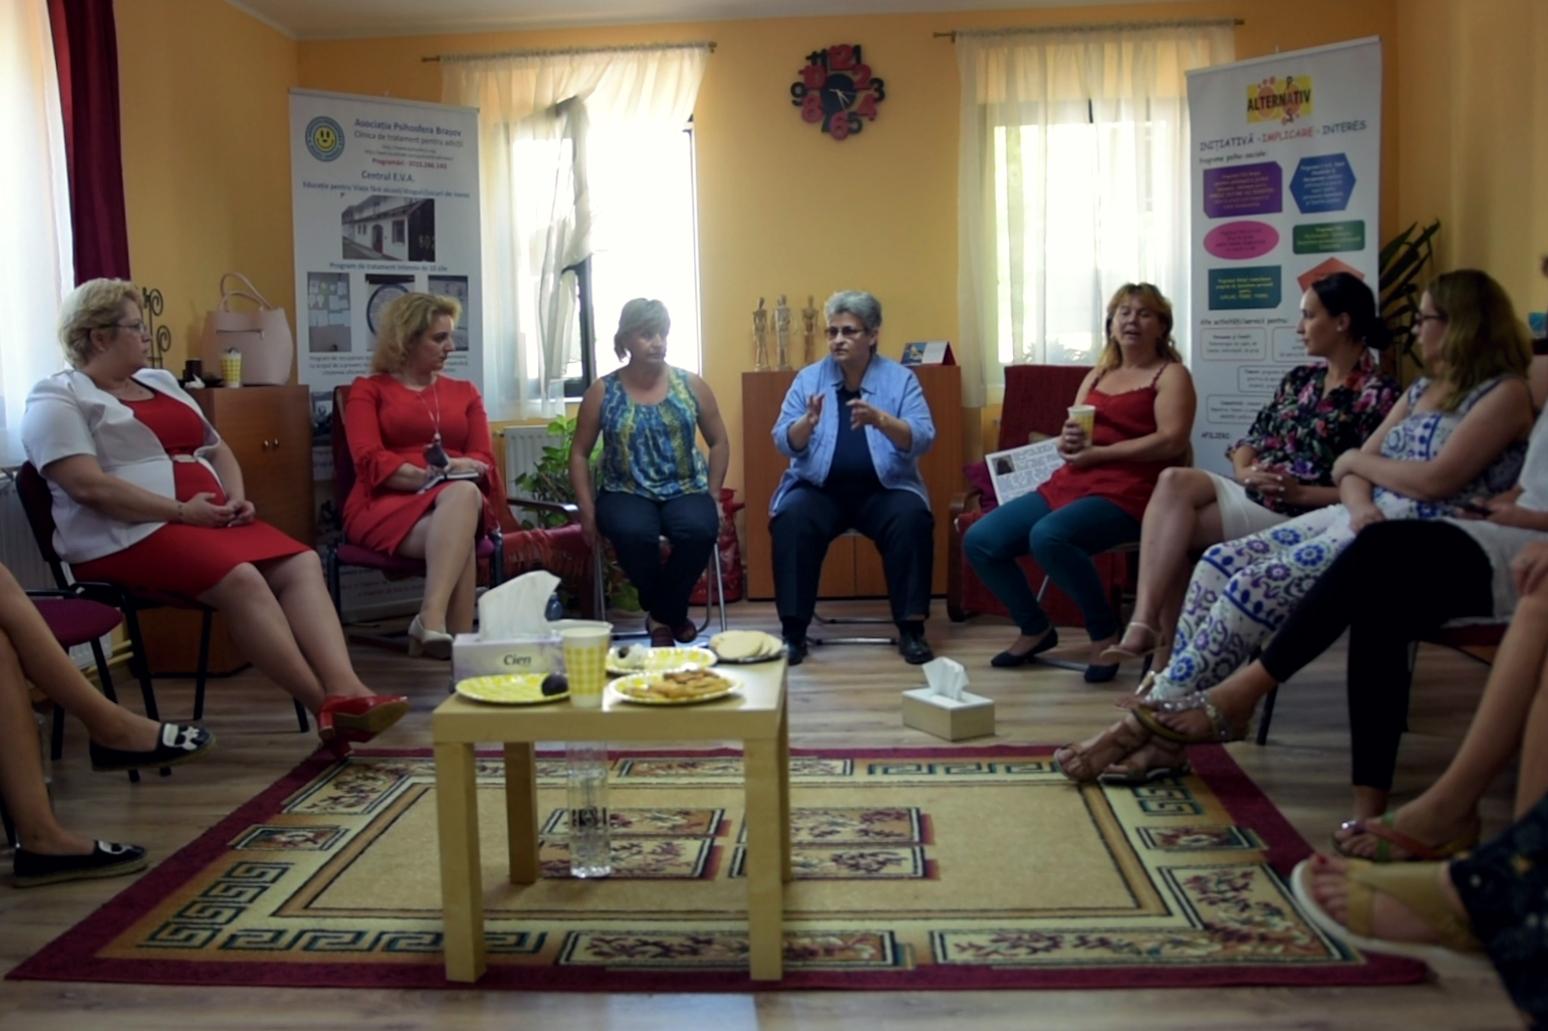 Rețeaua Învingătoarelor: mai multe femei abuzate de partenerii de viață se întâlnesc și își spun poveștile. FOTO: Recorder